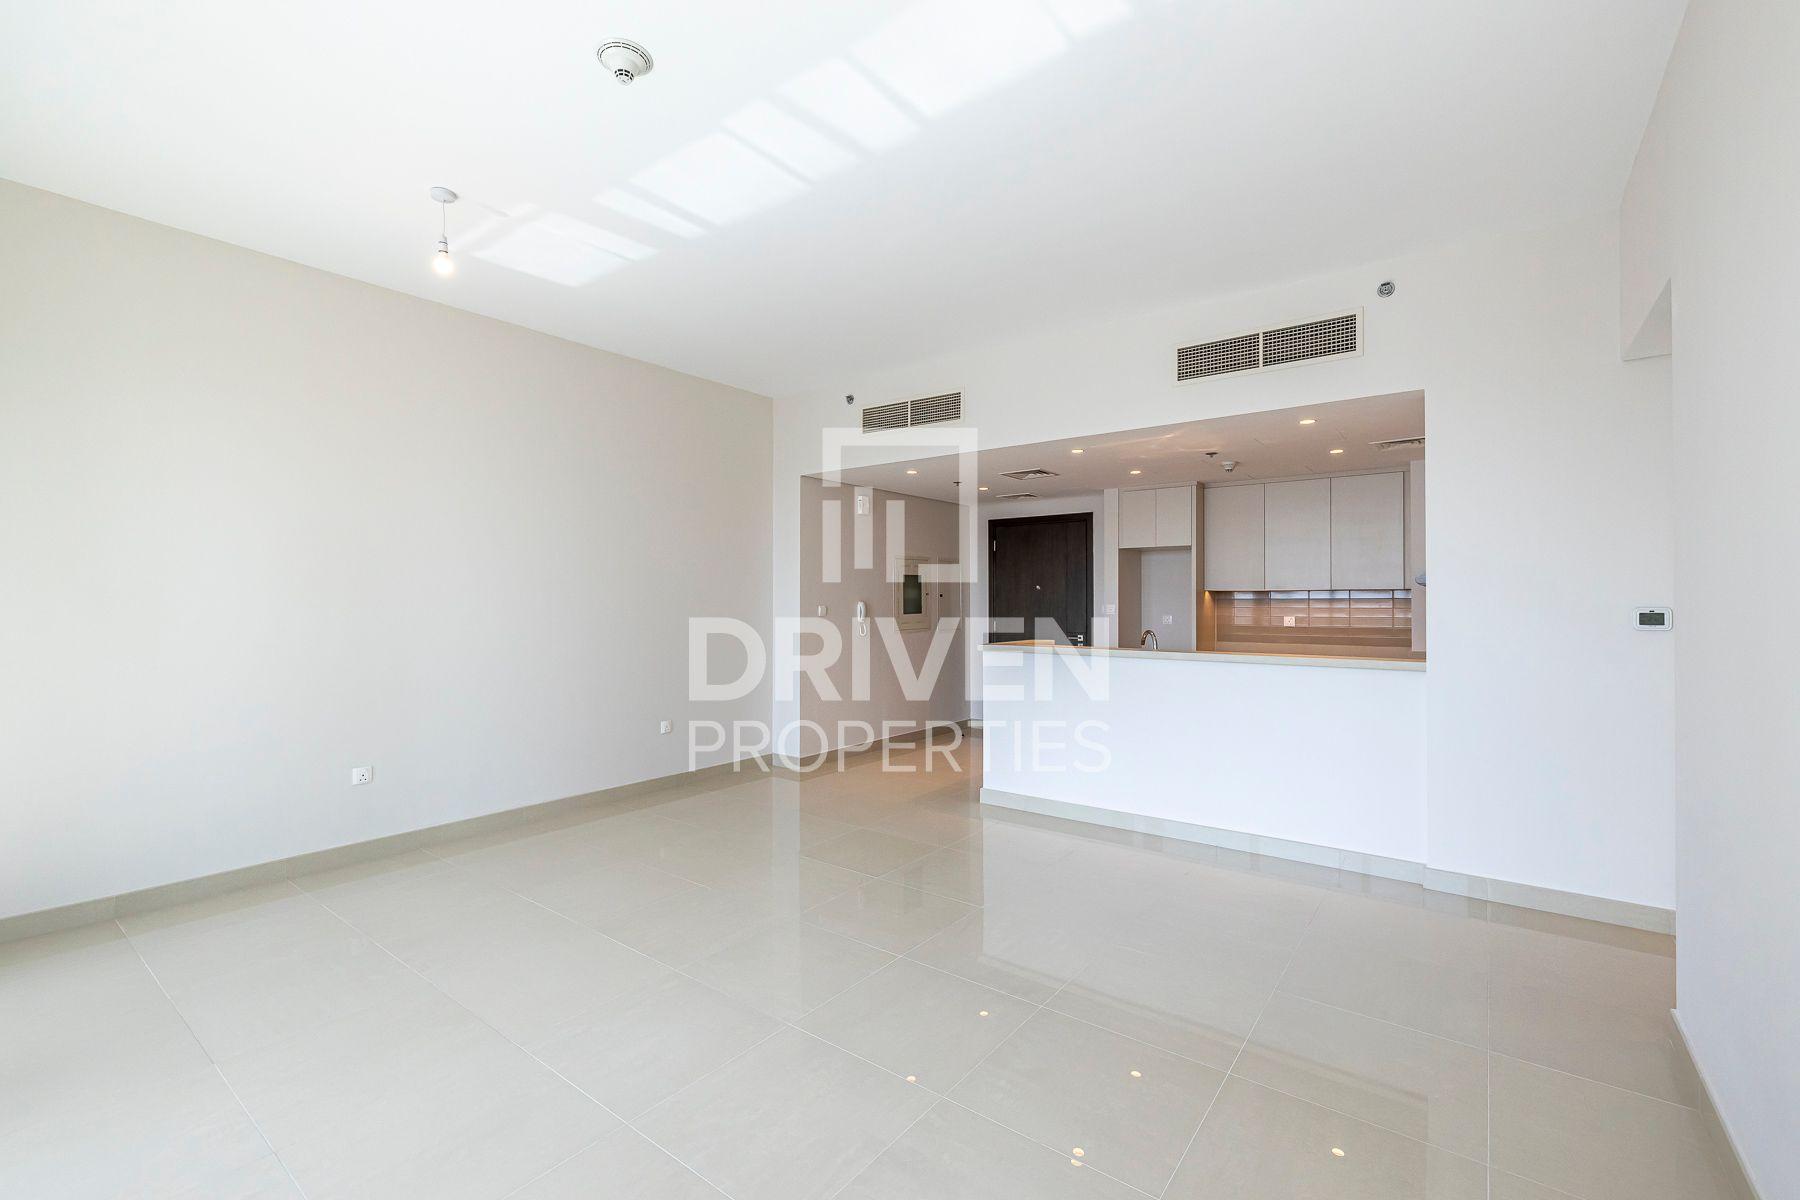 1,143 قدم مربع  شقة - للايجار - ميناء خور دبي